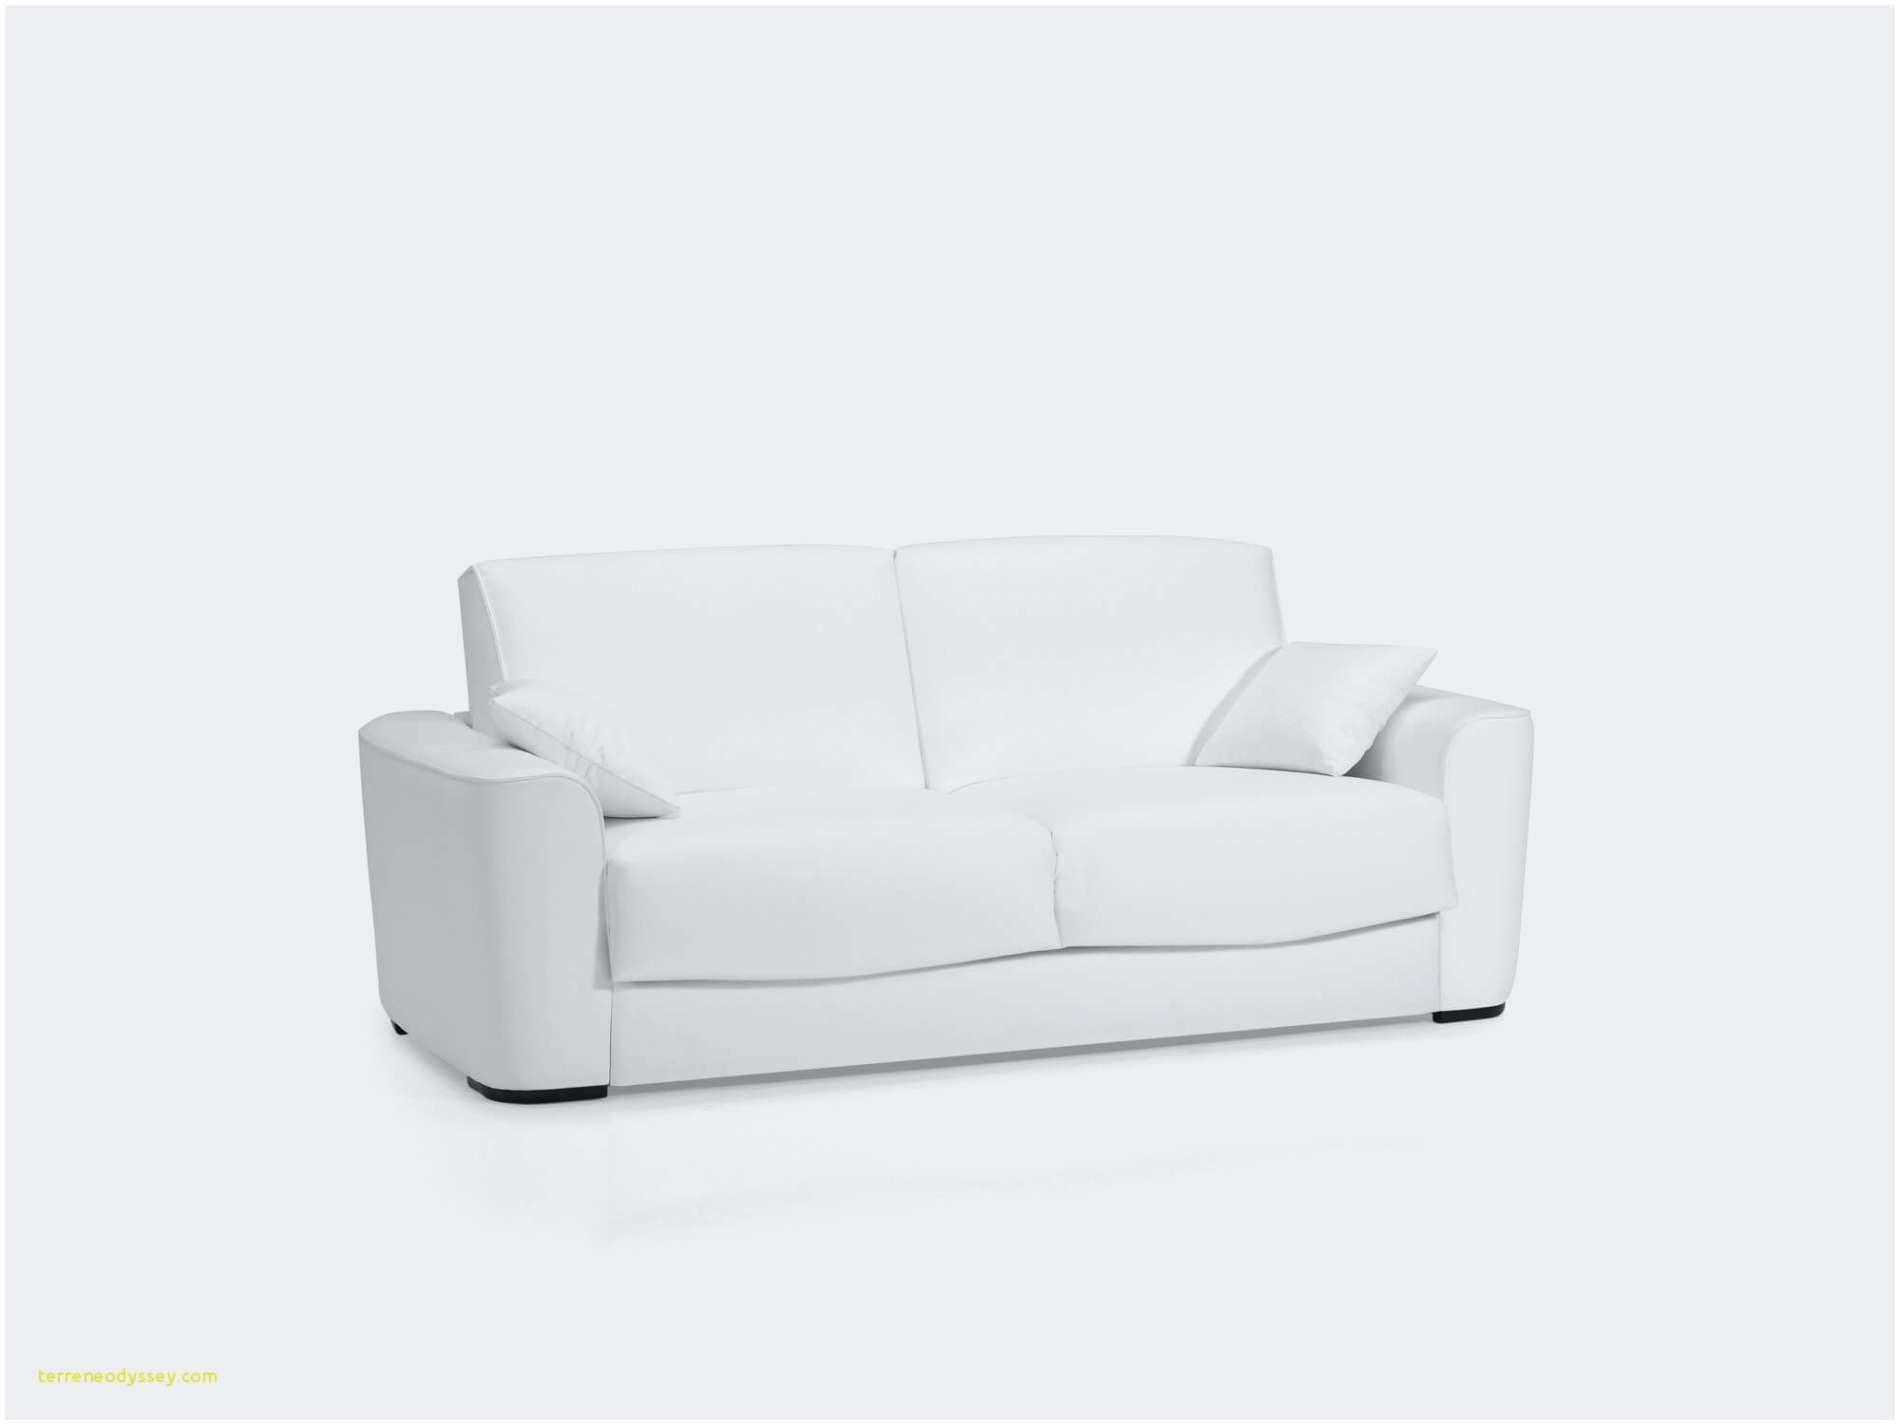 Ikea Canapé Lit Convertible Agréable Impressionnant 60 Recouvrement Canapé Convertible but Pour Excellent